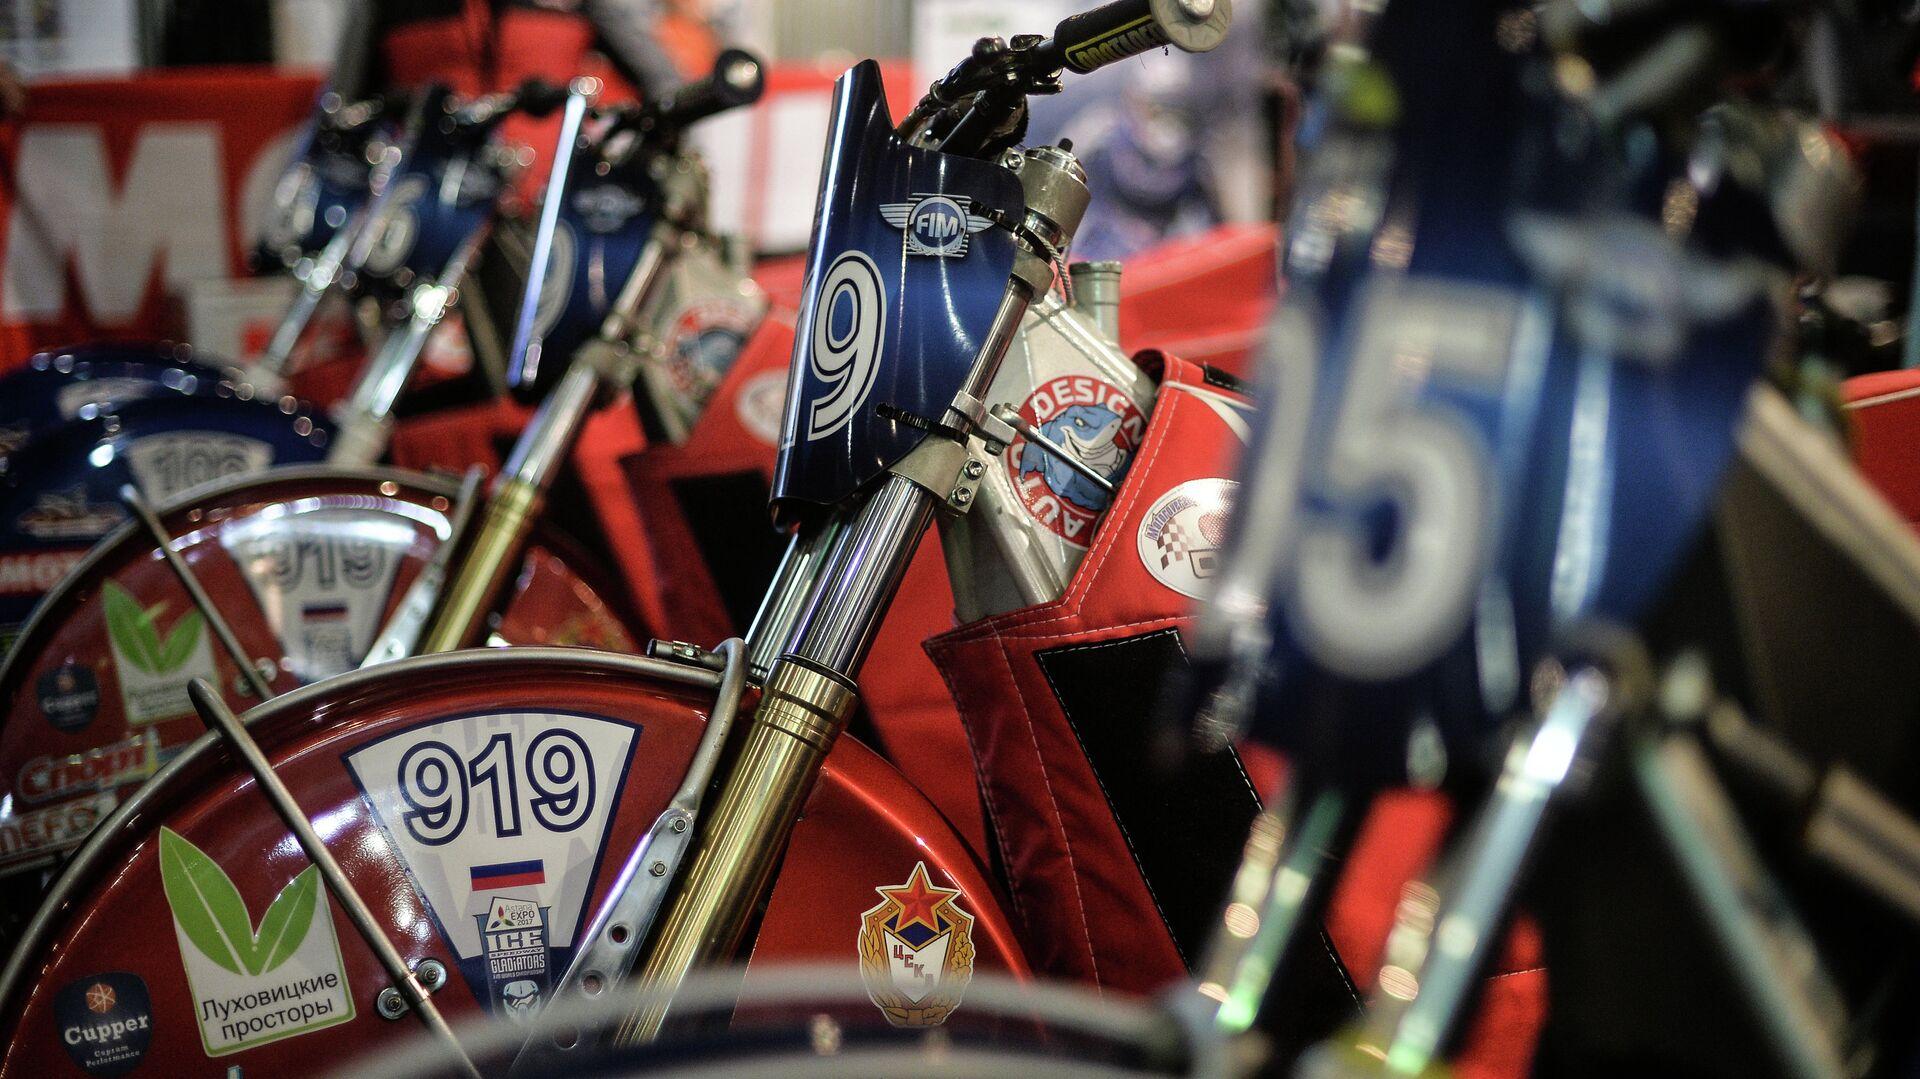 Мотоциклы в боксе - РИА Новости, 1920, 09.11.2020